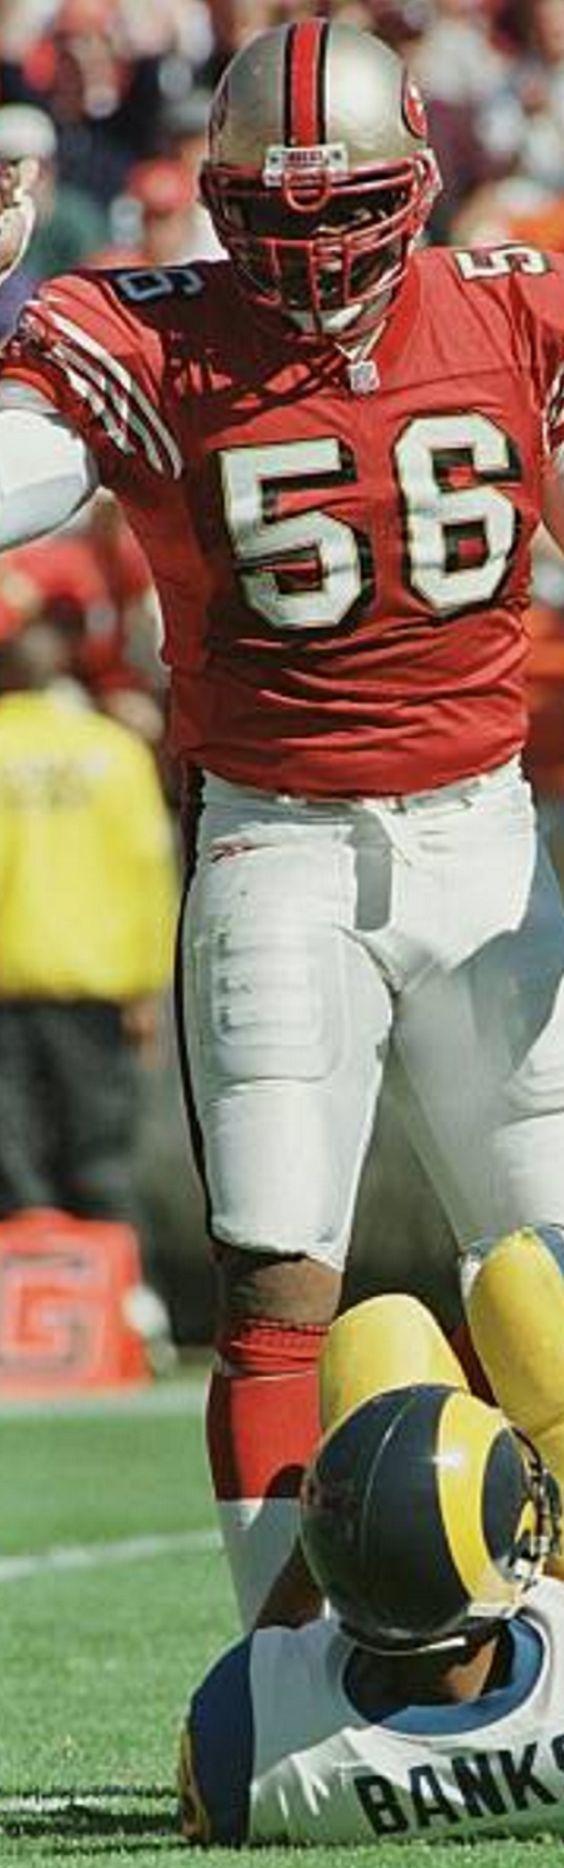 Chris Doleman Career G 232 Sk 150.5 Avg 0.65 #4 sack leader of all time #49ers #sf #sack #football #NFL: